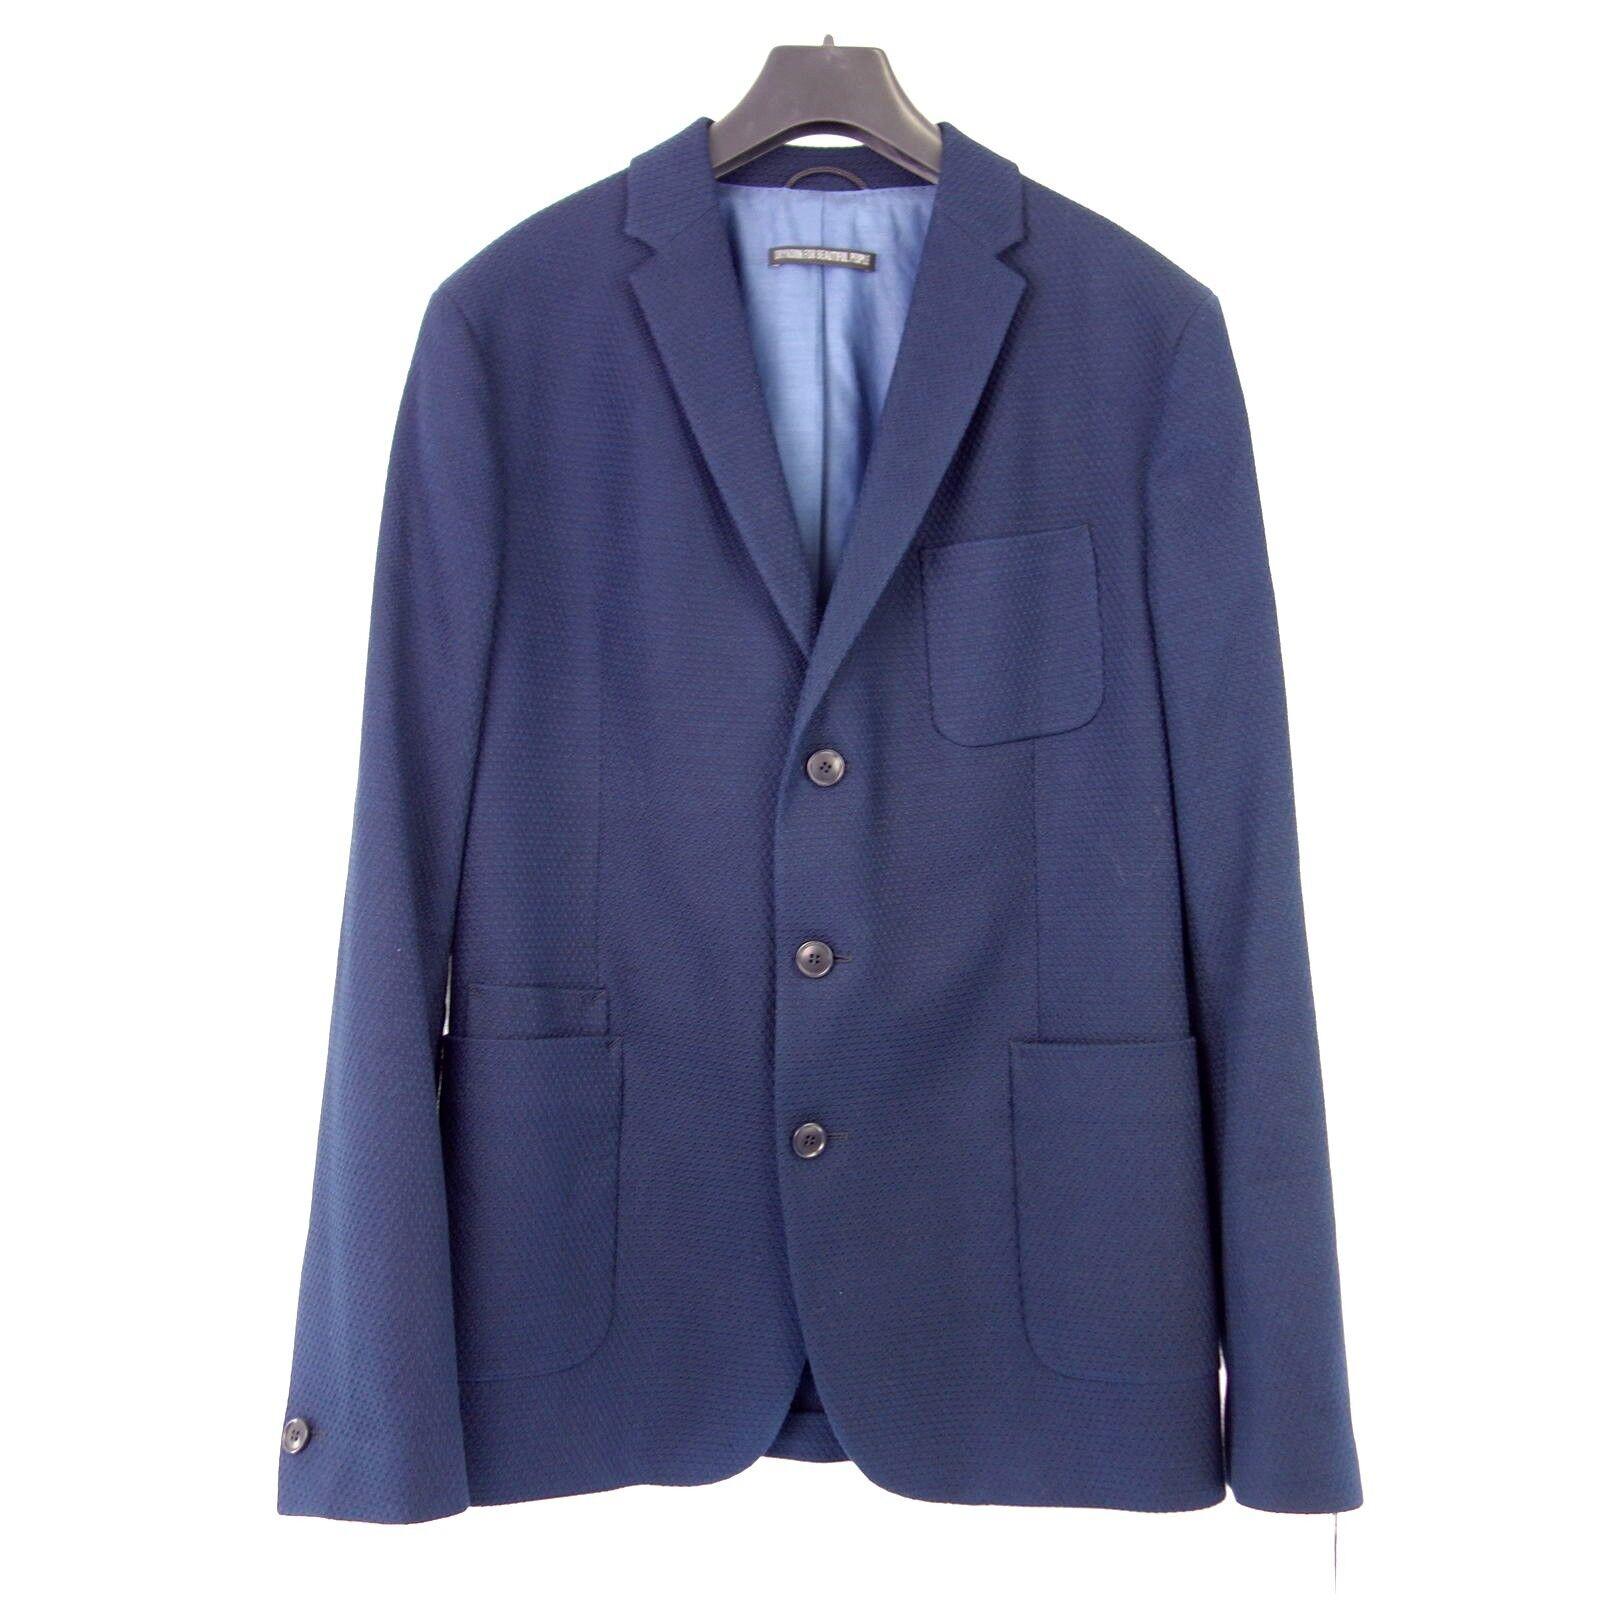 DRYKORN Herren Sakko BURLEY Gr 50 54 Blau Baumwolle Jacket Einreiher NP 229 NEU